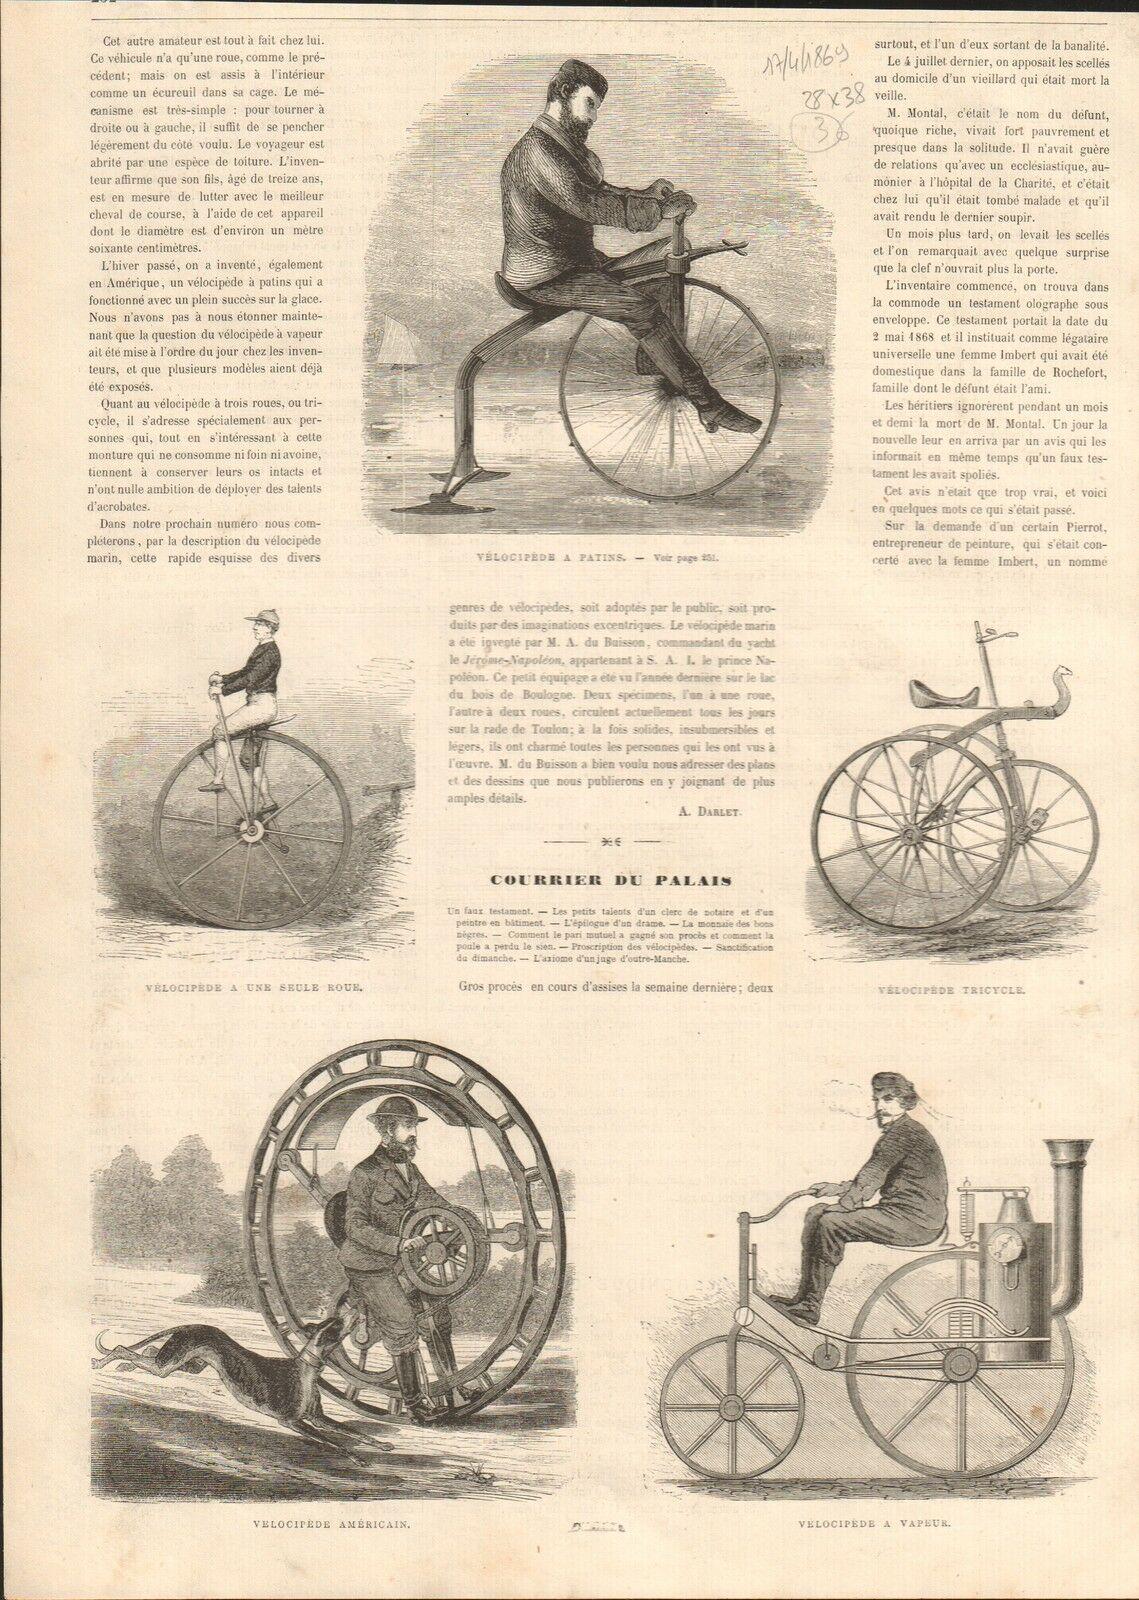 Vélocipède à Patins Tricycle Vélo Bike Bicycle Bicycle GRAVURE OLD PRINT 1869.jpg